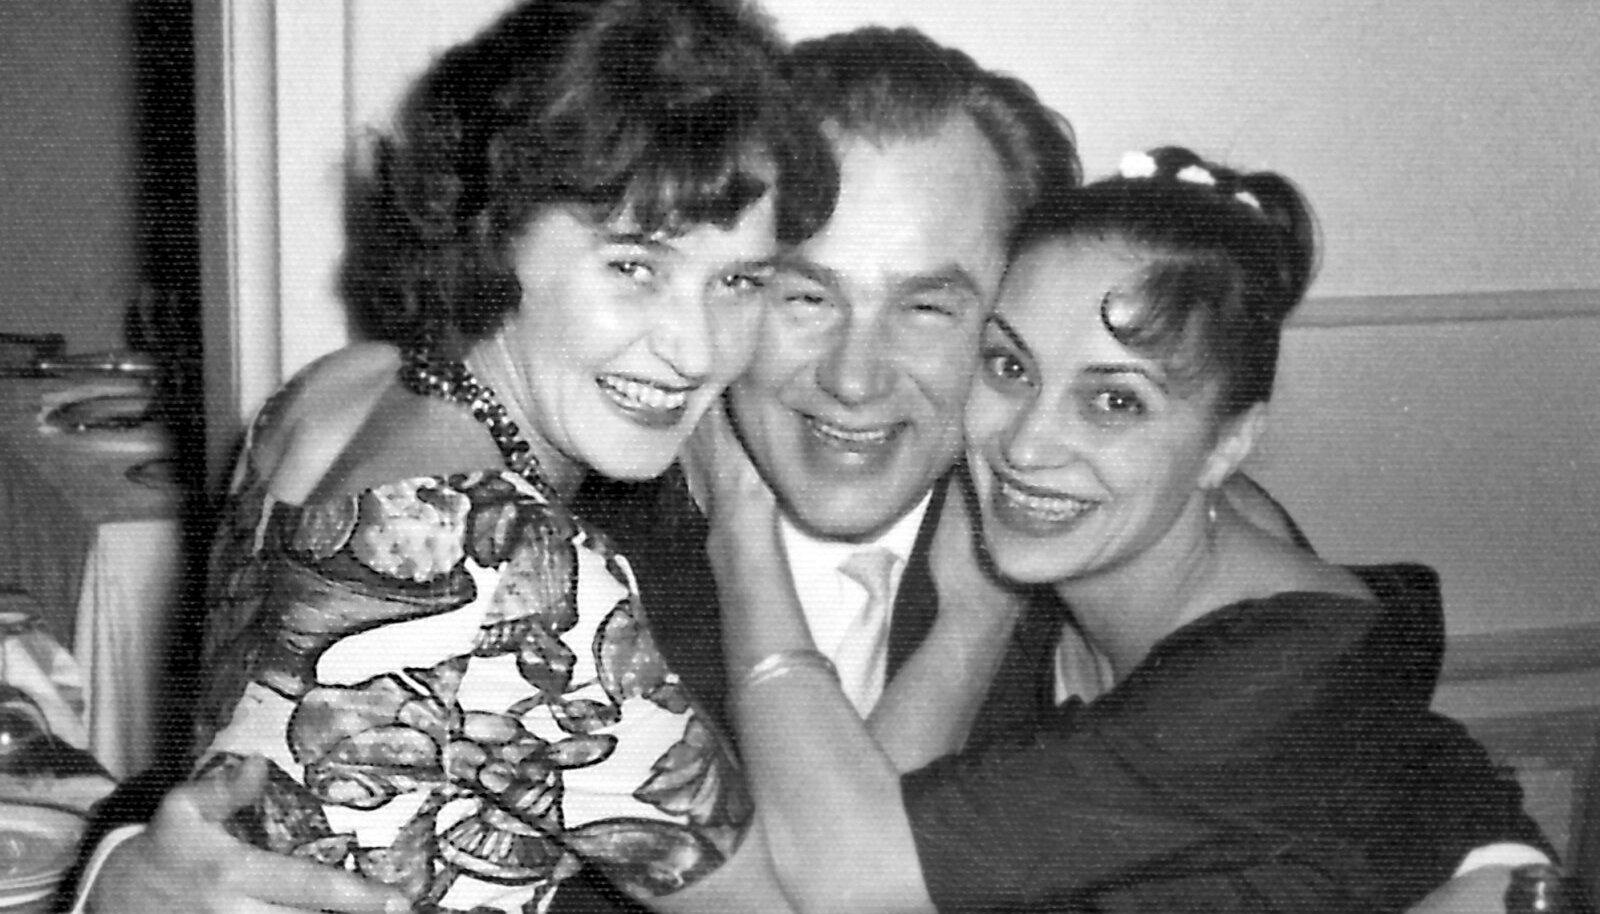 Asta (vasakul), Georg ja Elonna Spriit sünnipäevapeol, 1960ndate algus.